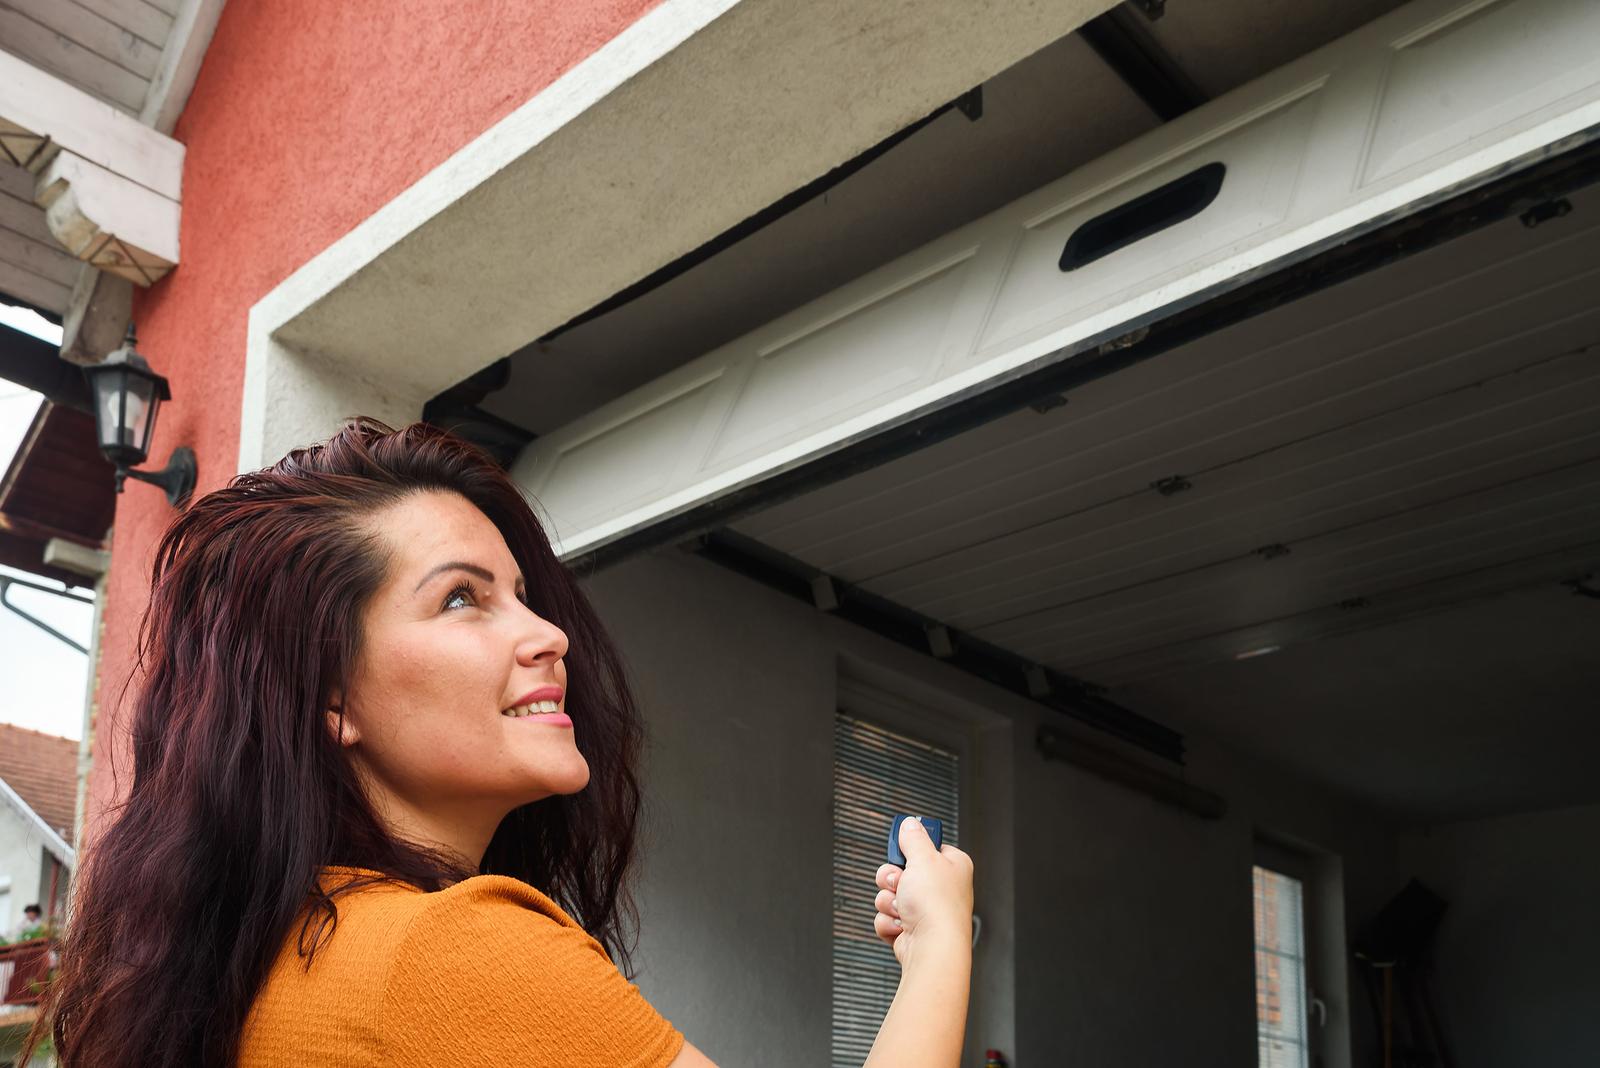 woman-using-garage-door-opener-outside-of-garage-door